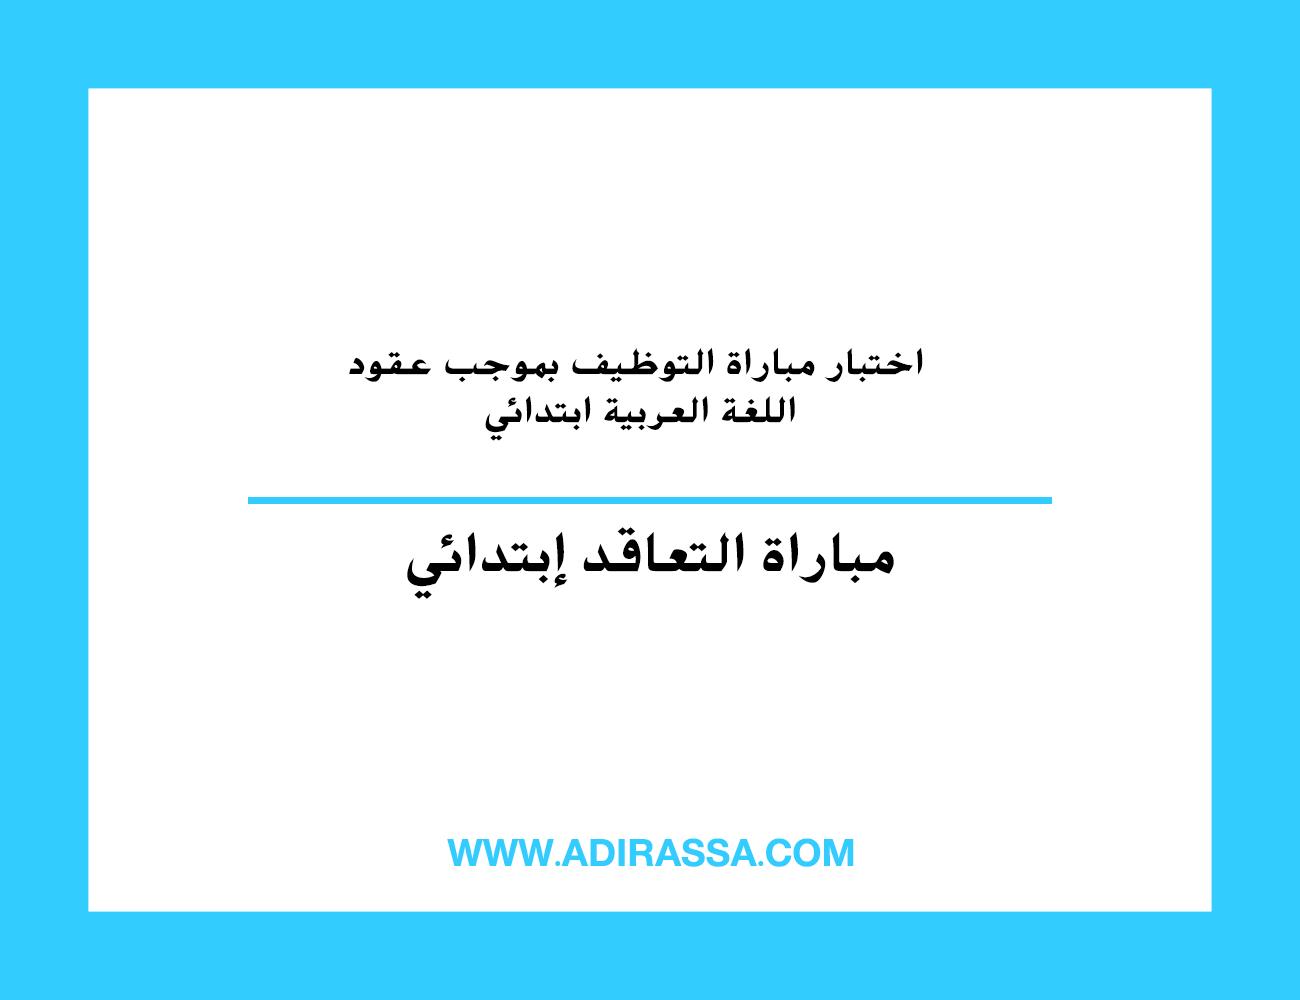 اختبار مباراة التوظيف بموجب عقود اللغة العربية ابتدائي